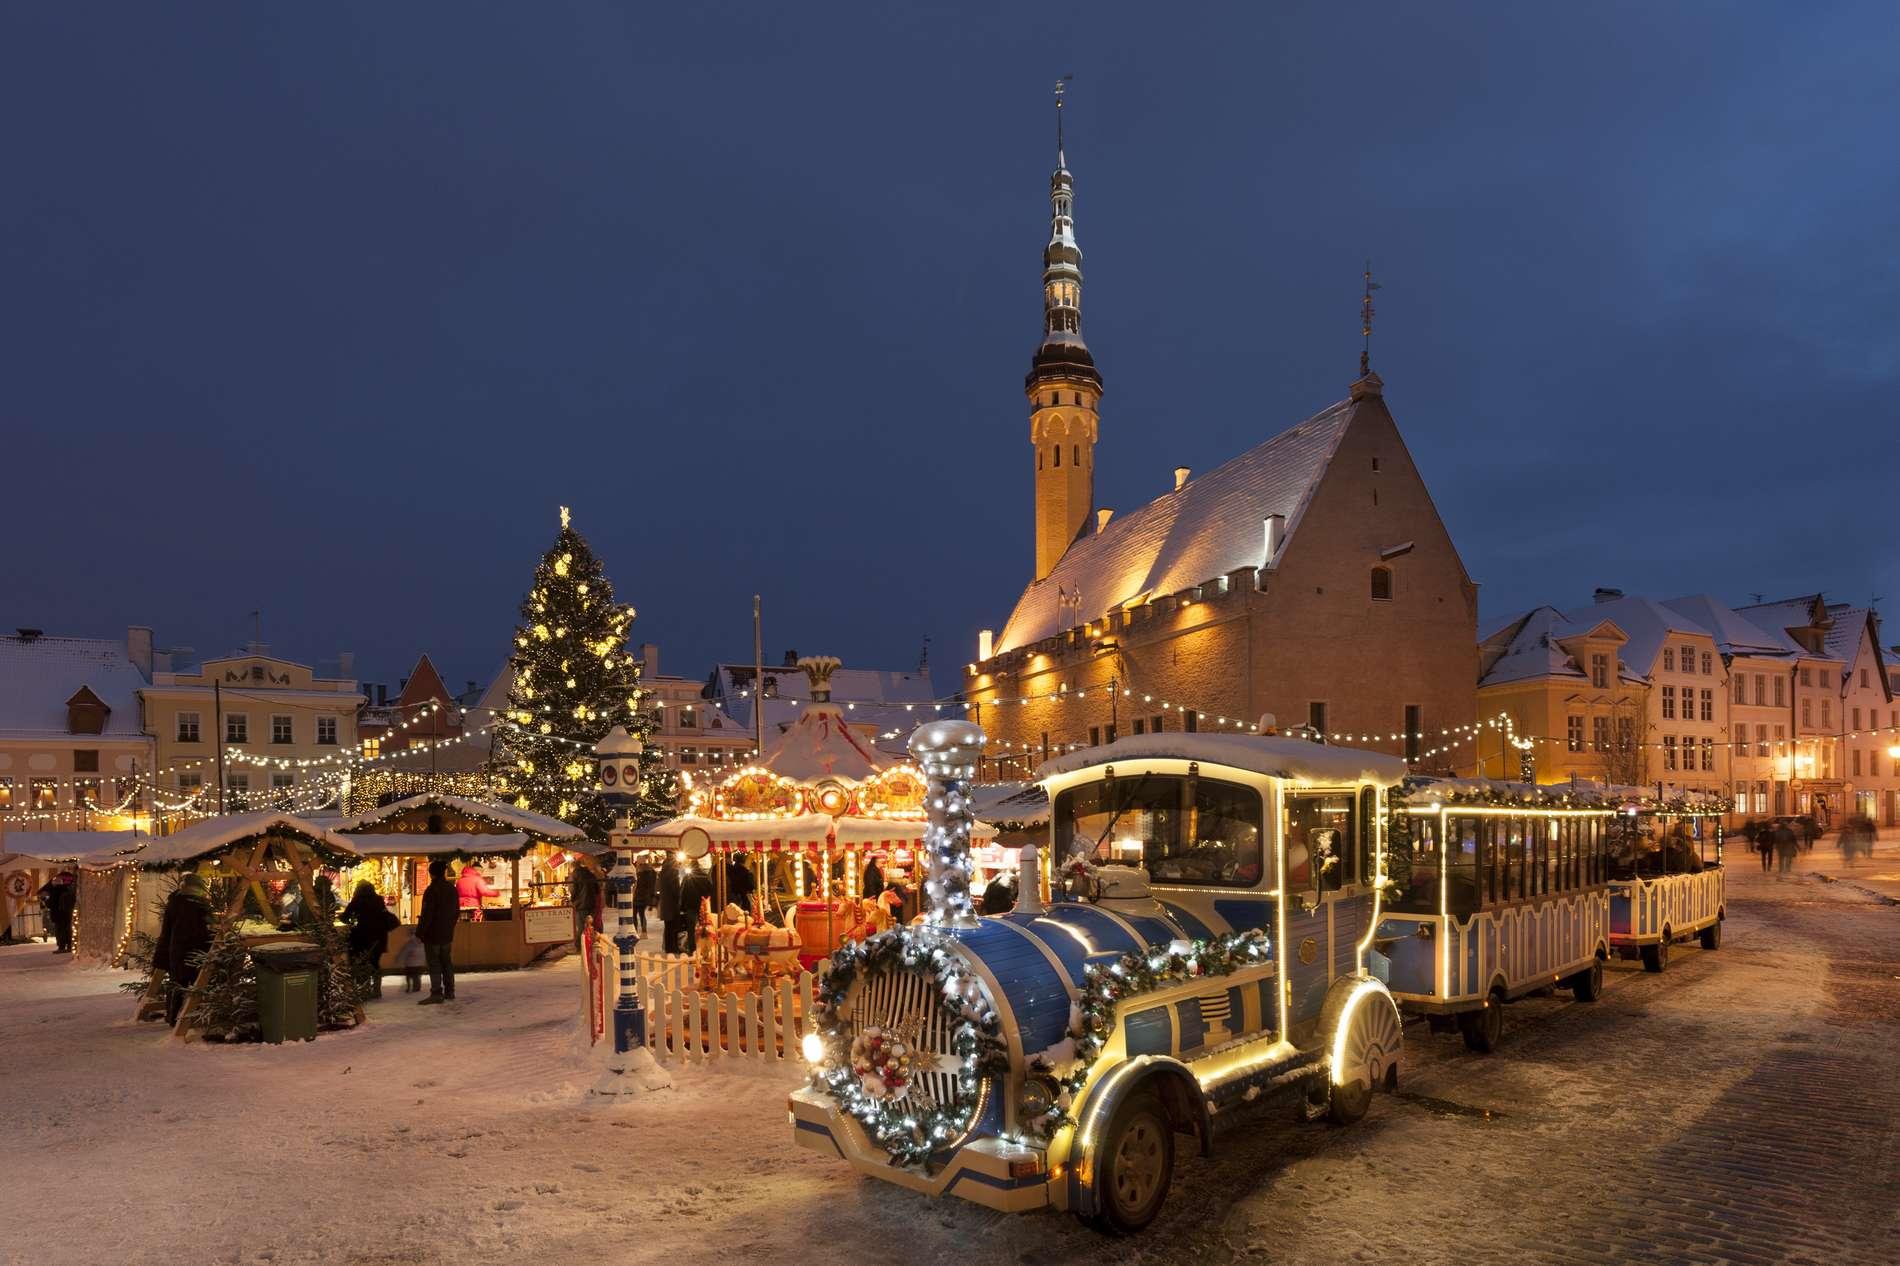 joulu 2018 tallinnassa Tallinn Old Town Christmas Market dates announced   News  joulu 2018 tallinnassa